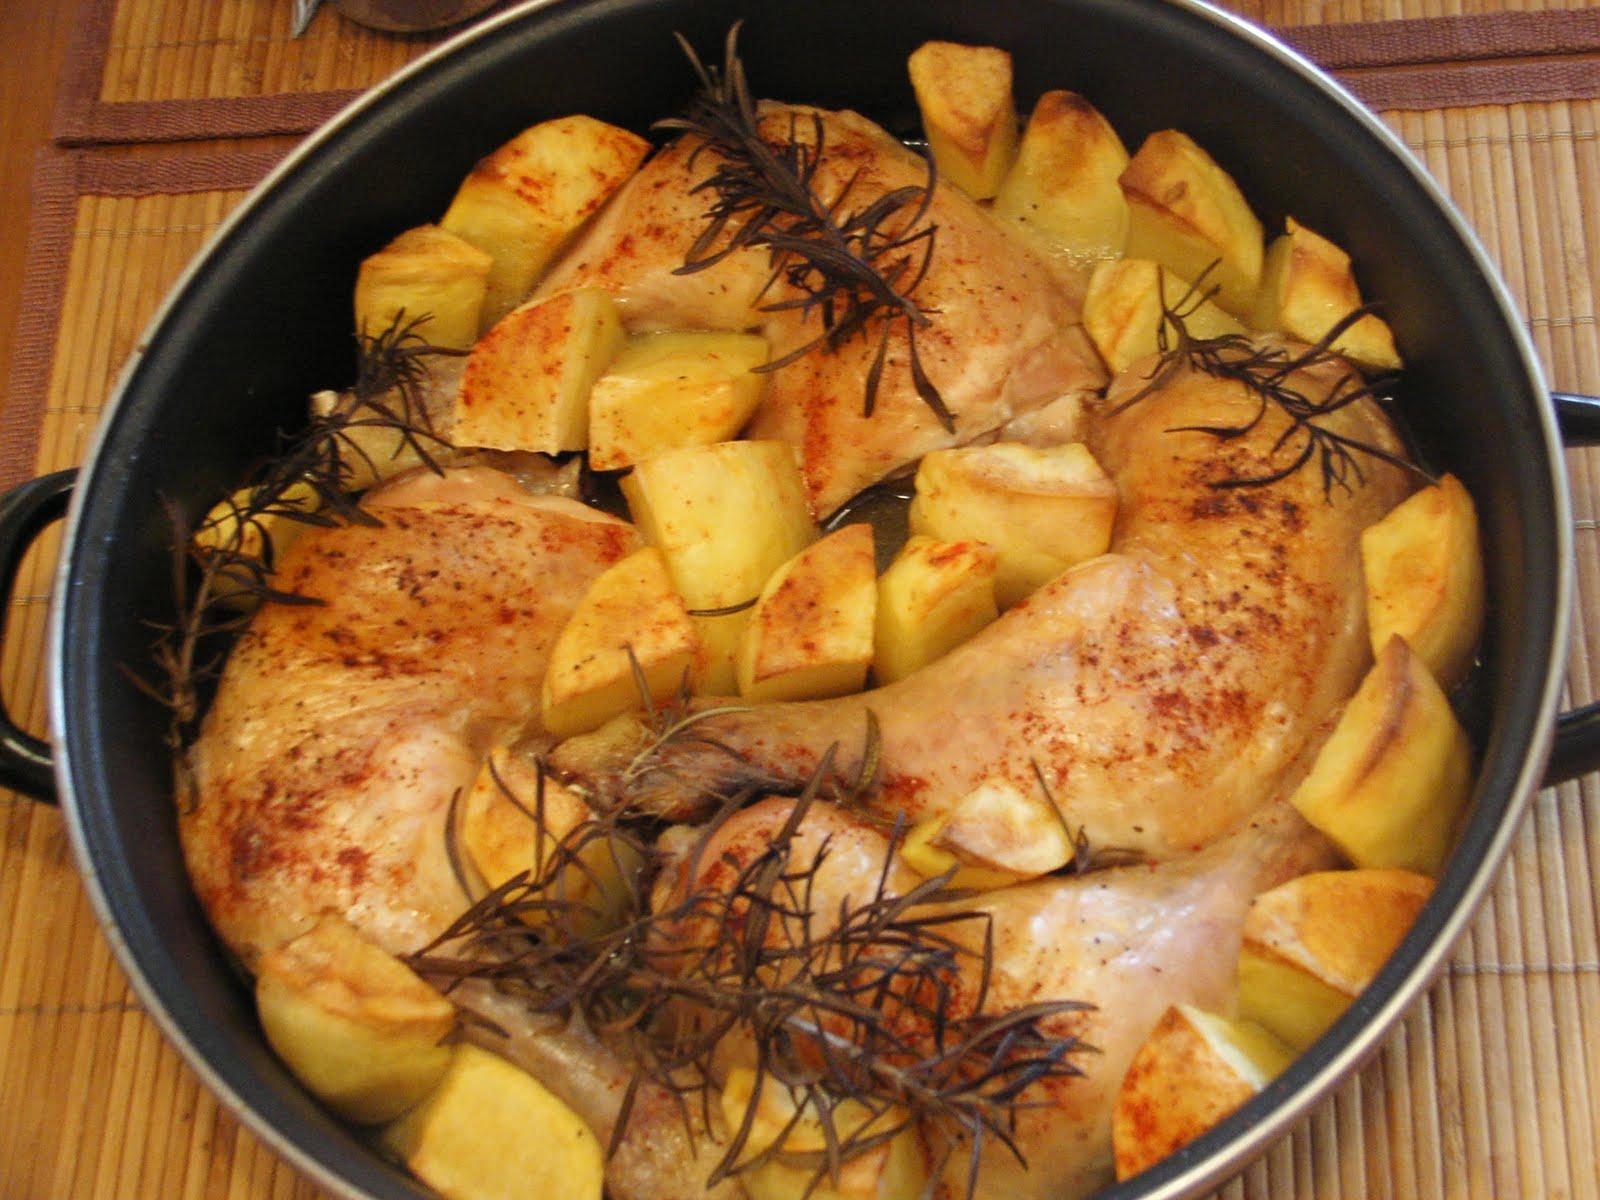 Cocinar sin sal pollo con patatas al horno sin sal - Pollo al horno con limon y patatas ...